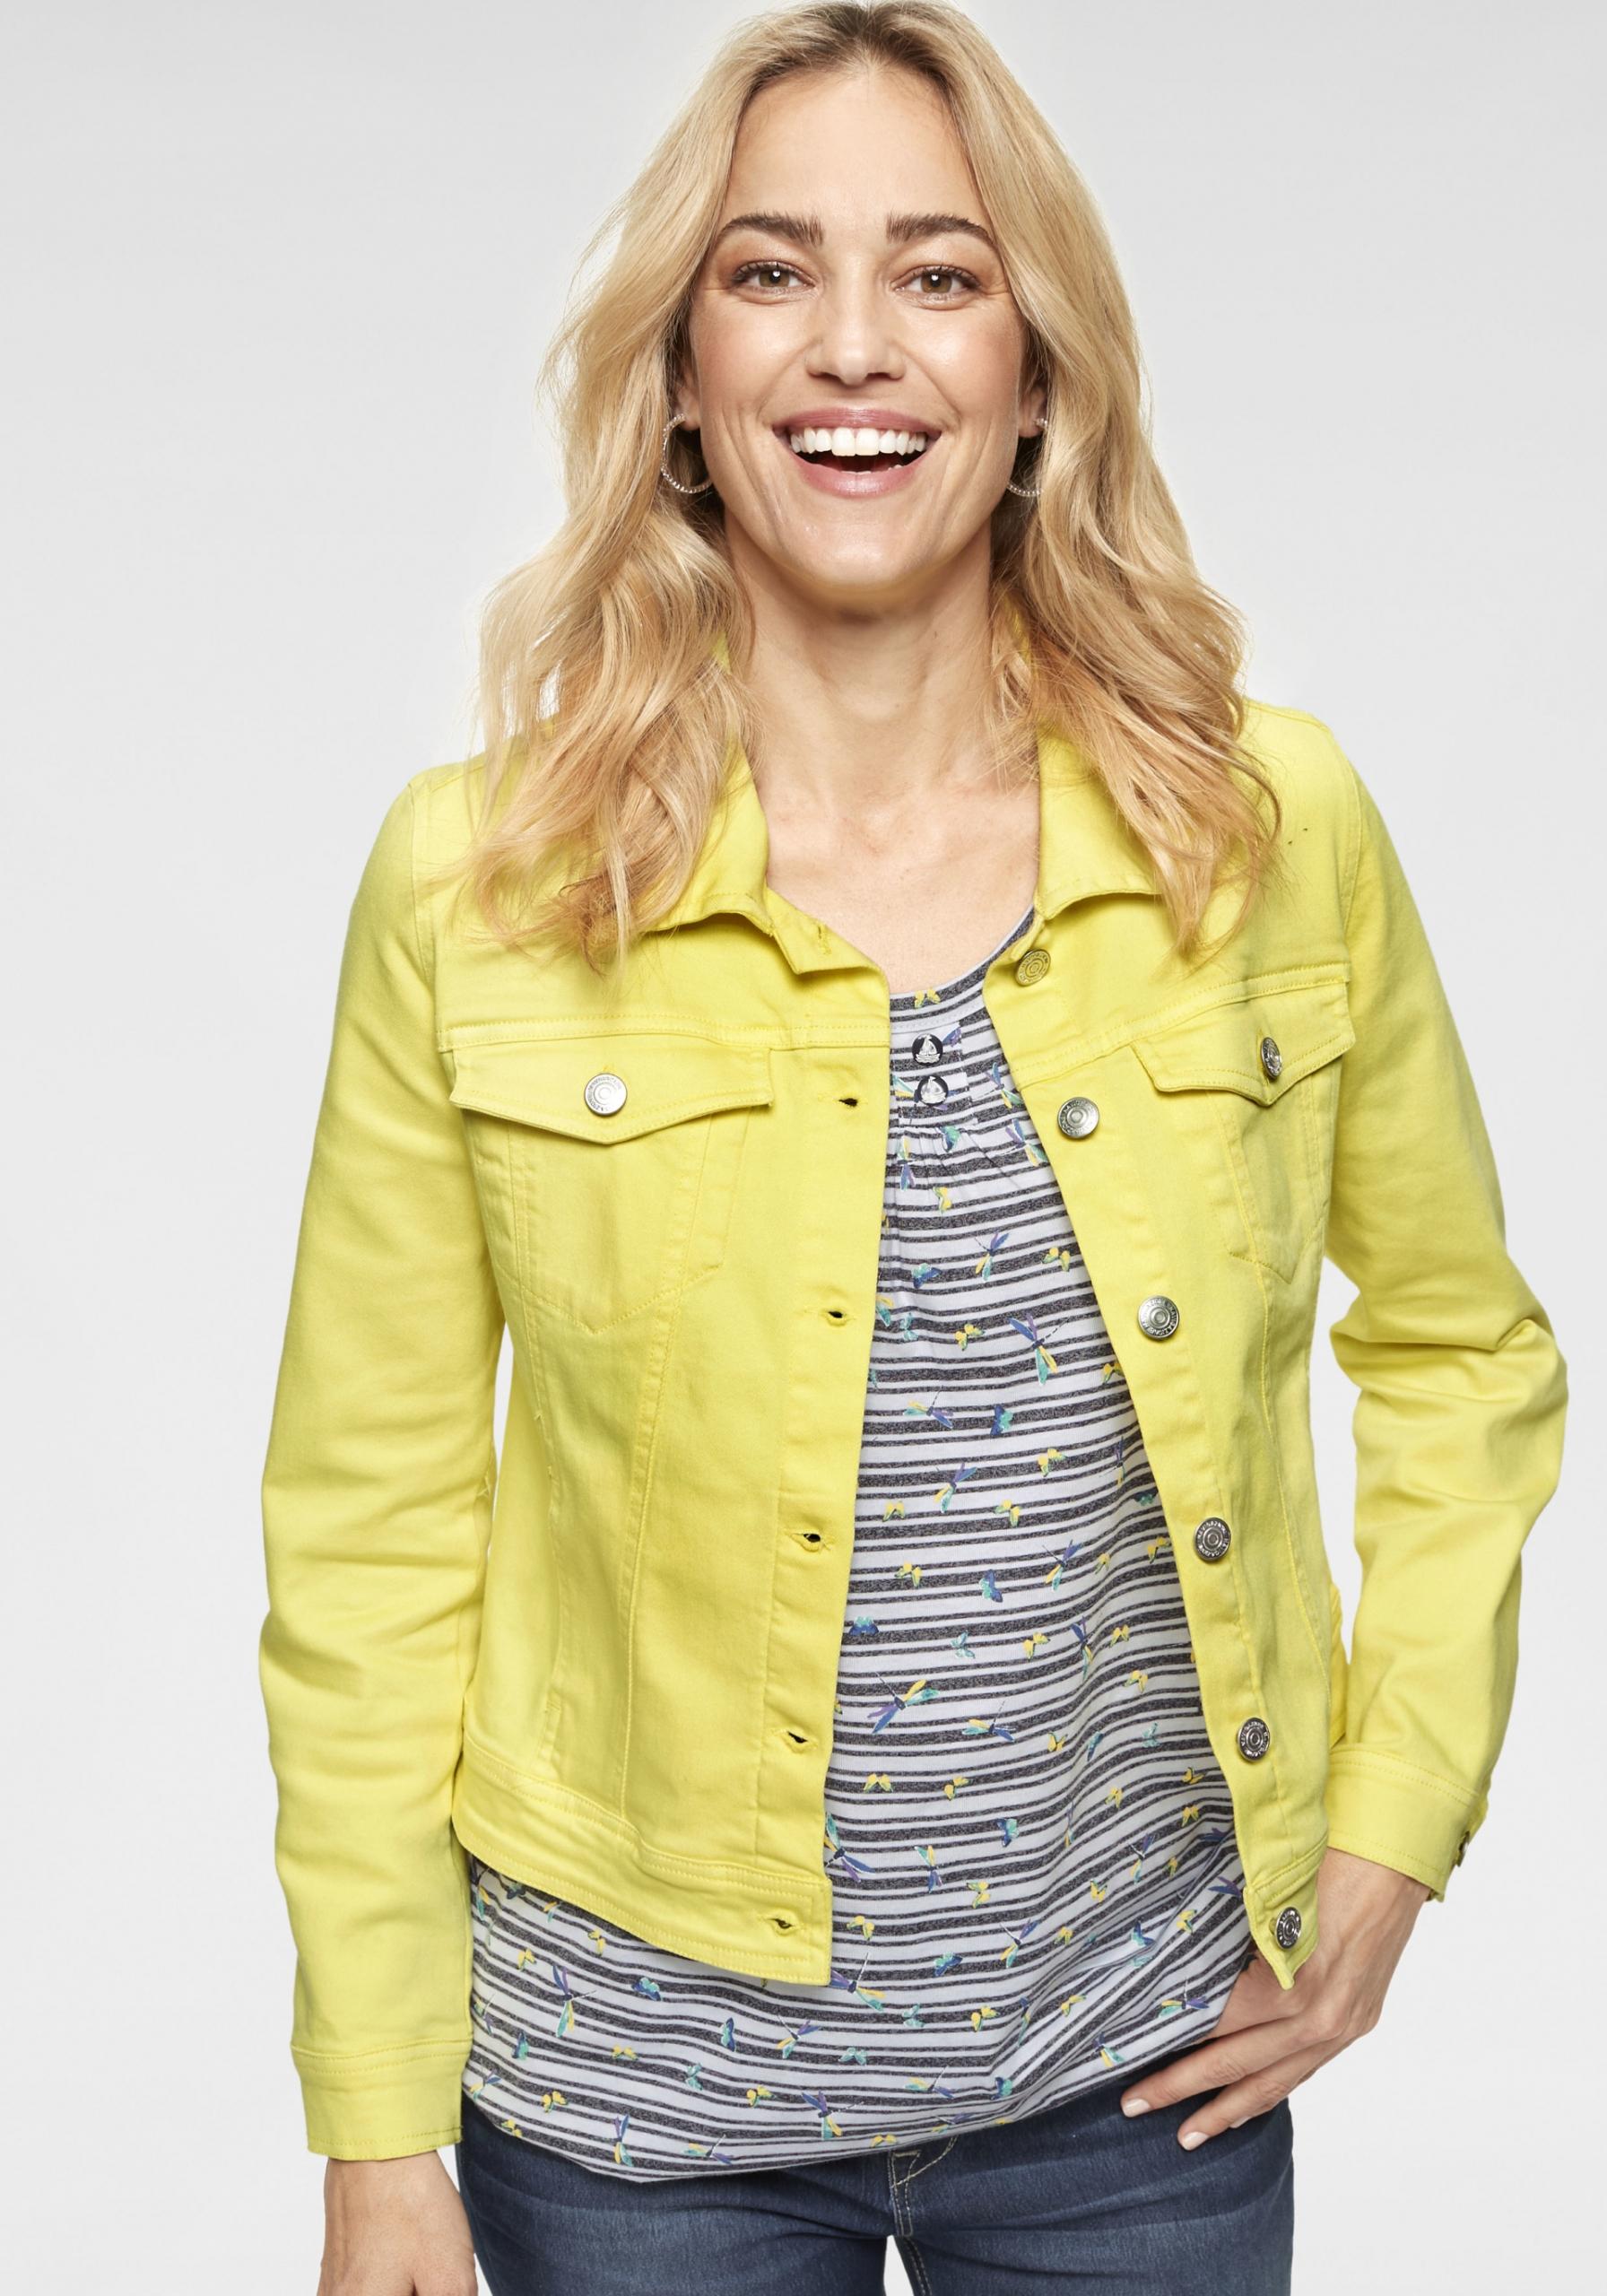 Damen Allround-Jeansjacke gelb